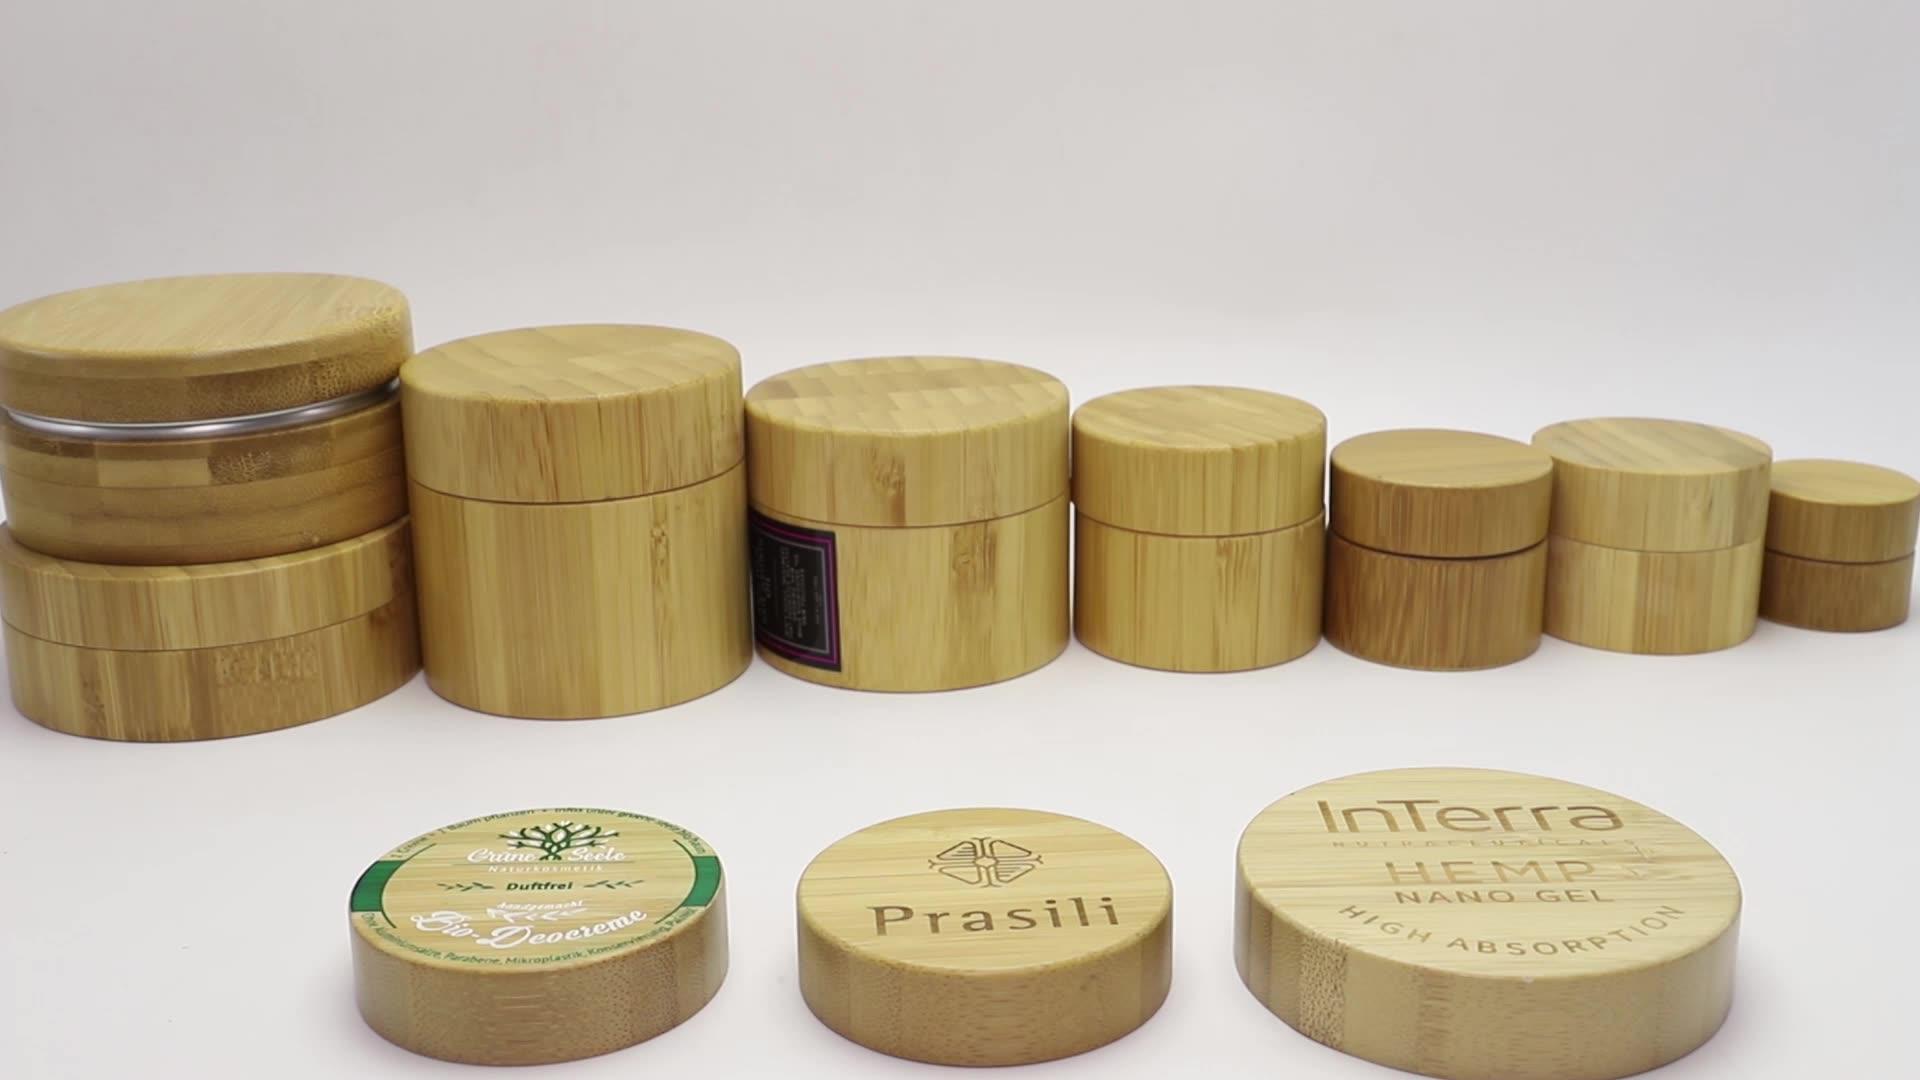 सबसे अच्छा बेच 5g 10g 15g 20g 30g 50g 100g 150g 200g कॉस्मेटिक क्रीम के लिए 250g bamboojar BJ-021K